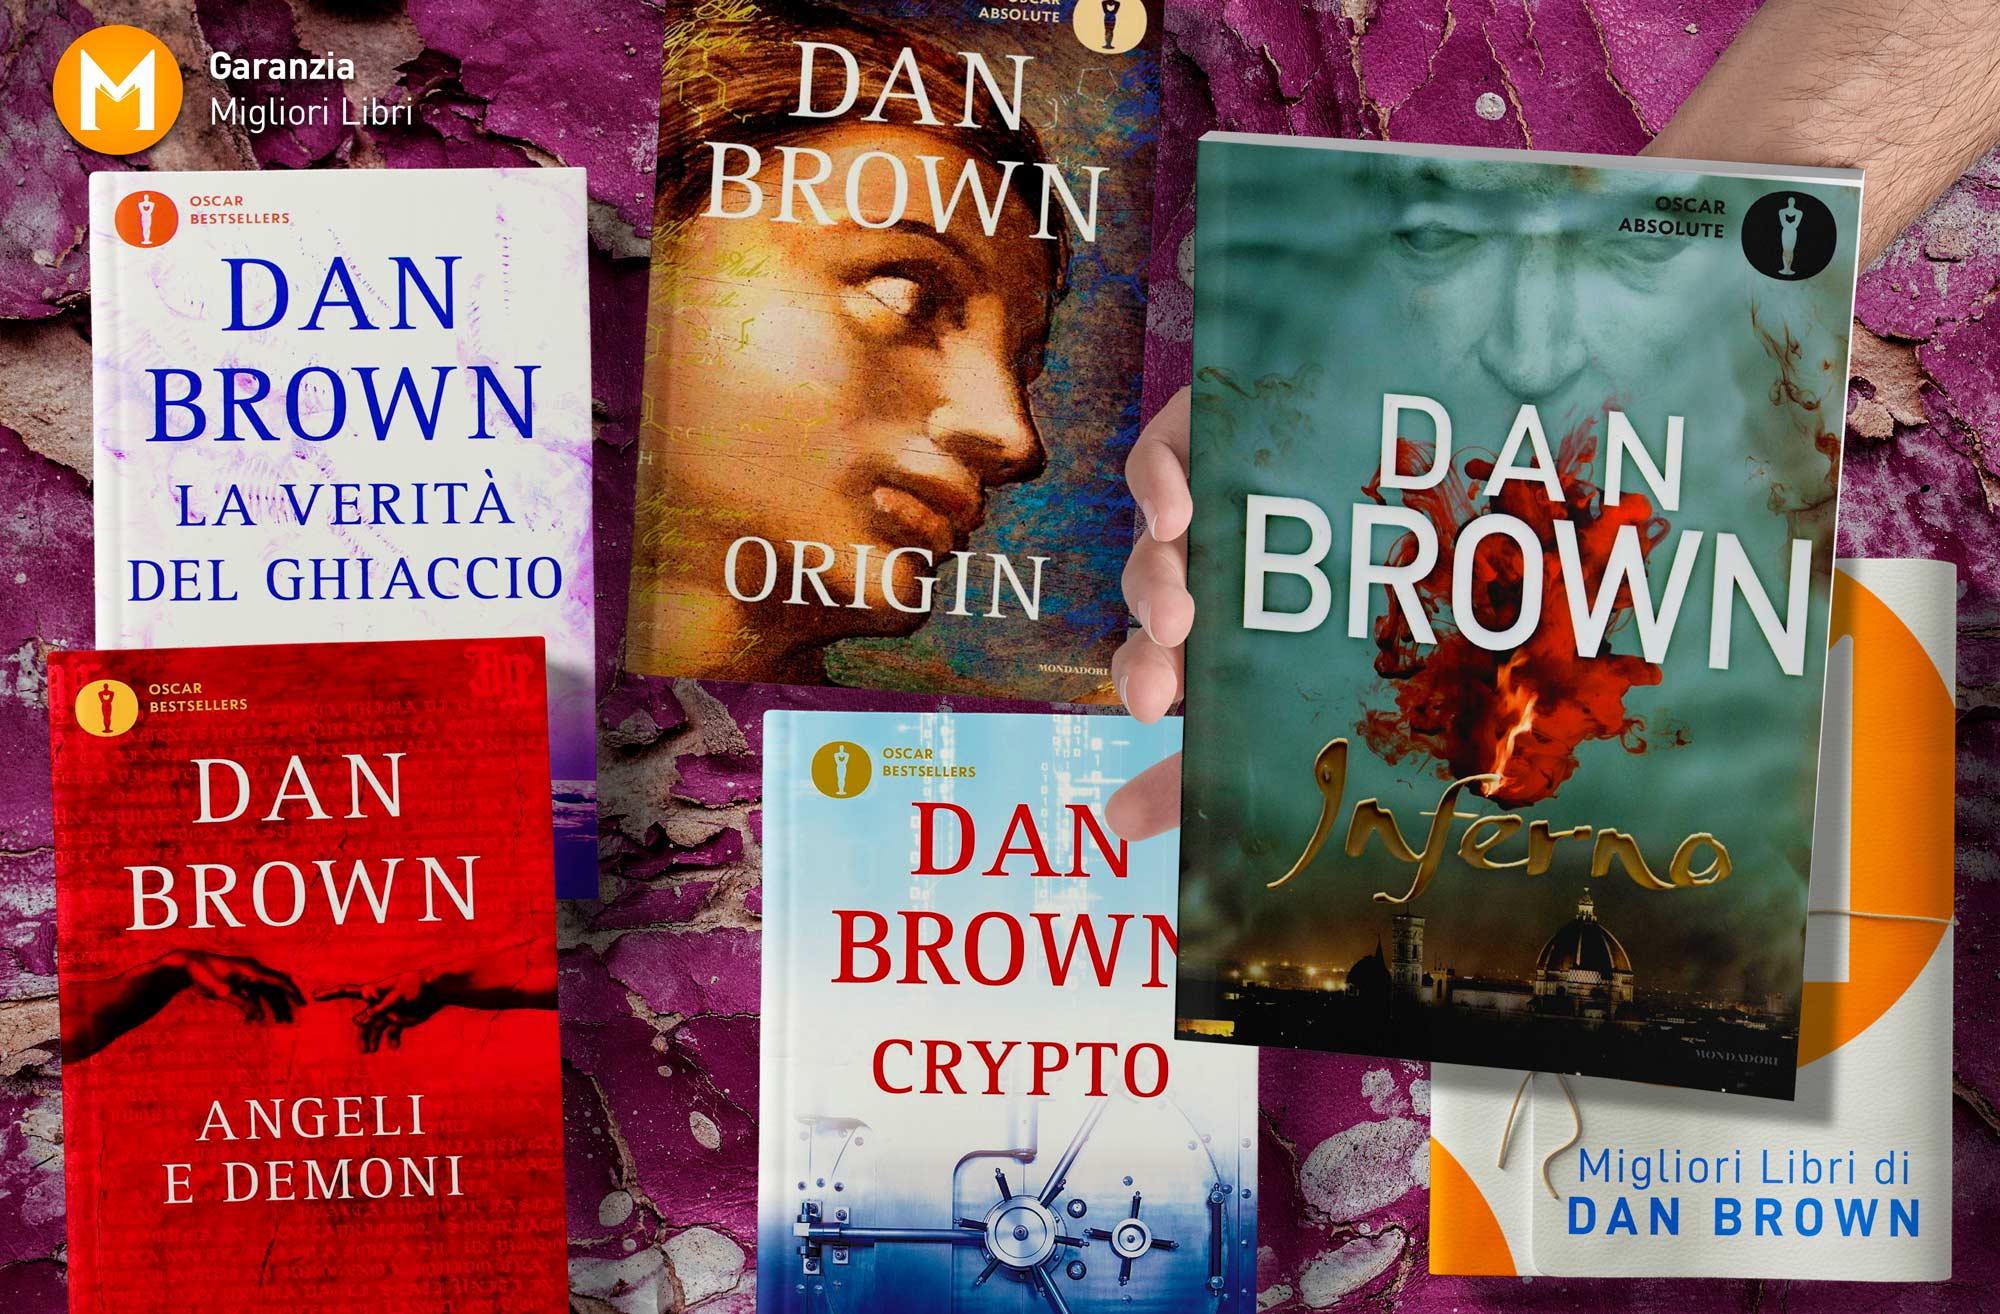 migliori-libri-dan-brown-da-leggere